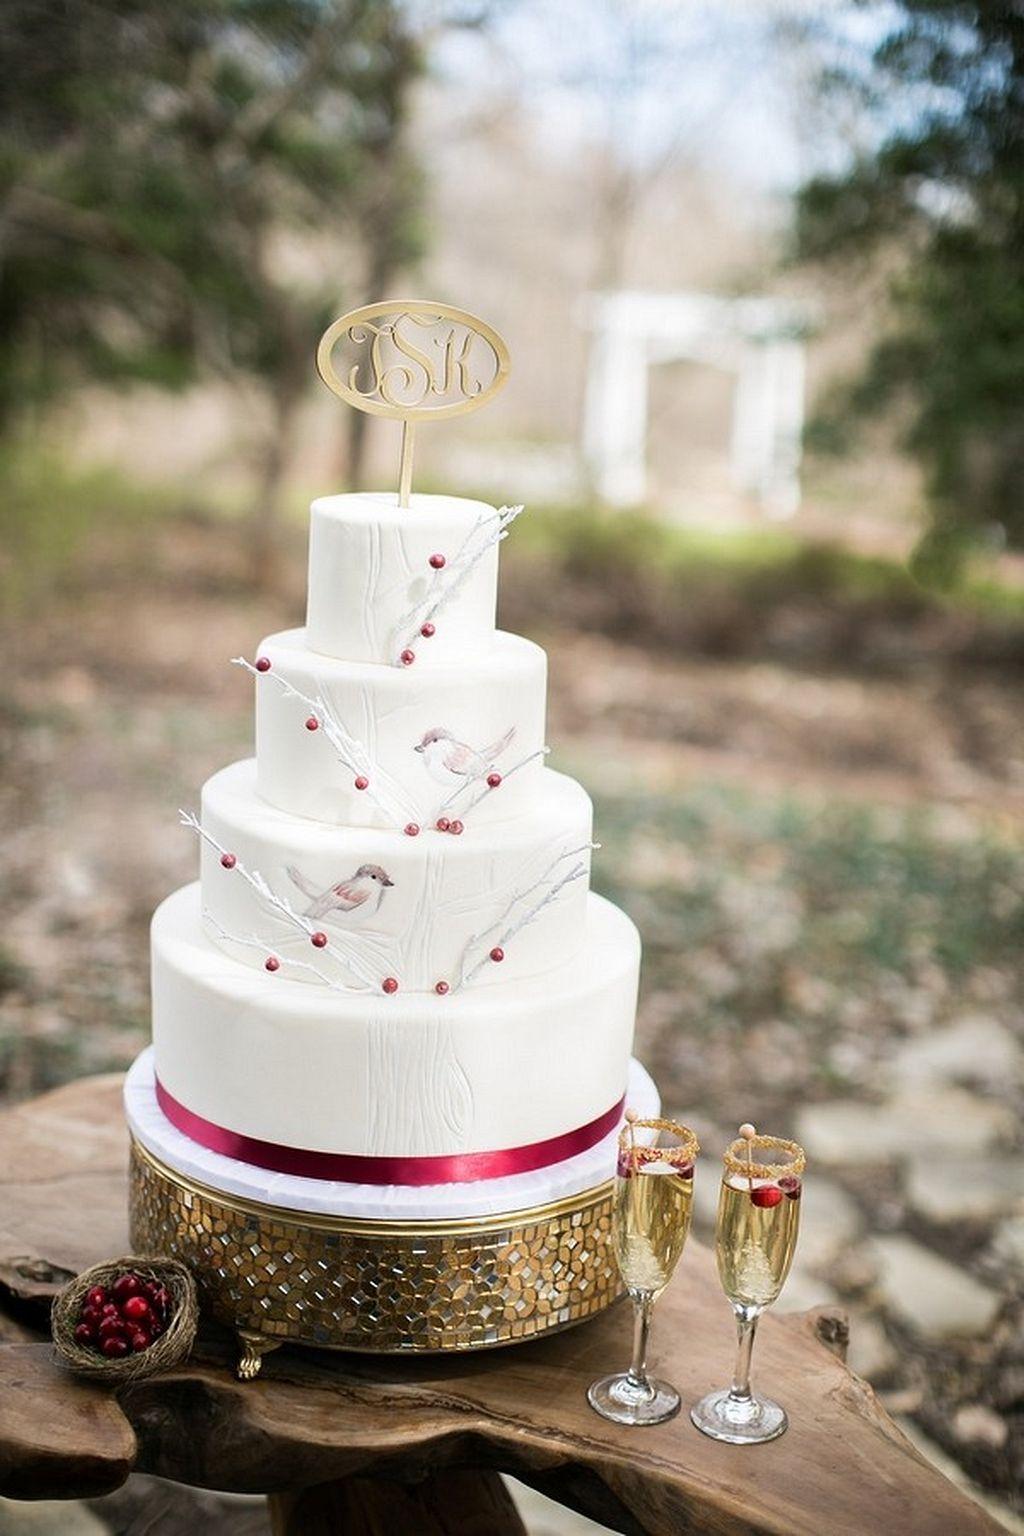 Romance Snow White Wedding Theme Ideas  Pinterest  Snow white